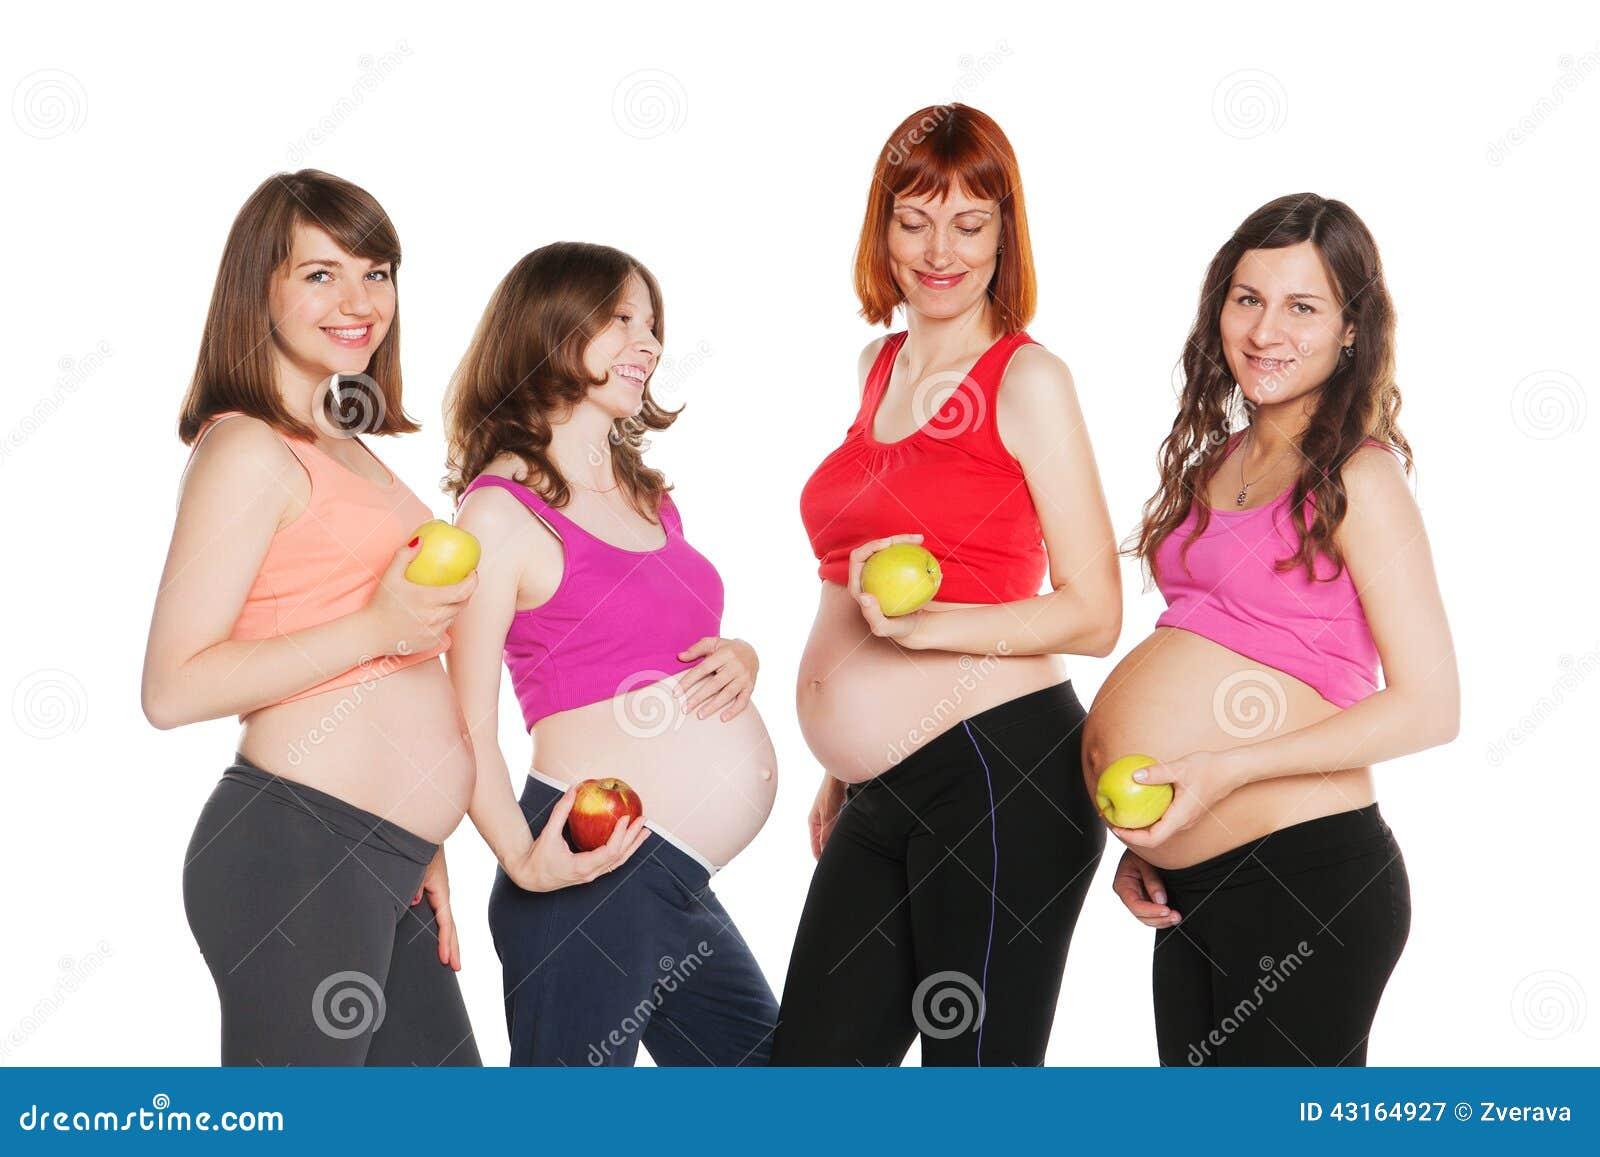 Busty lesbians curvy tumblr